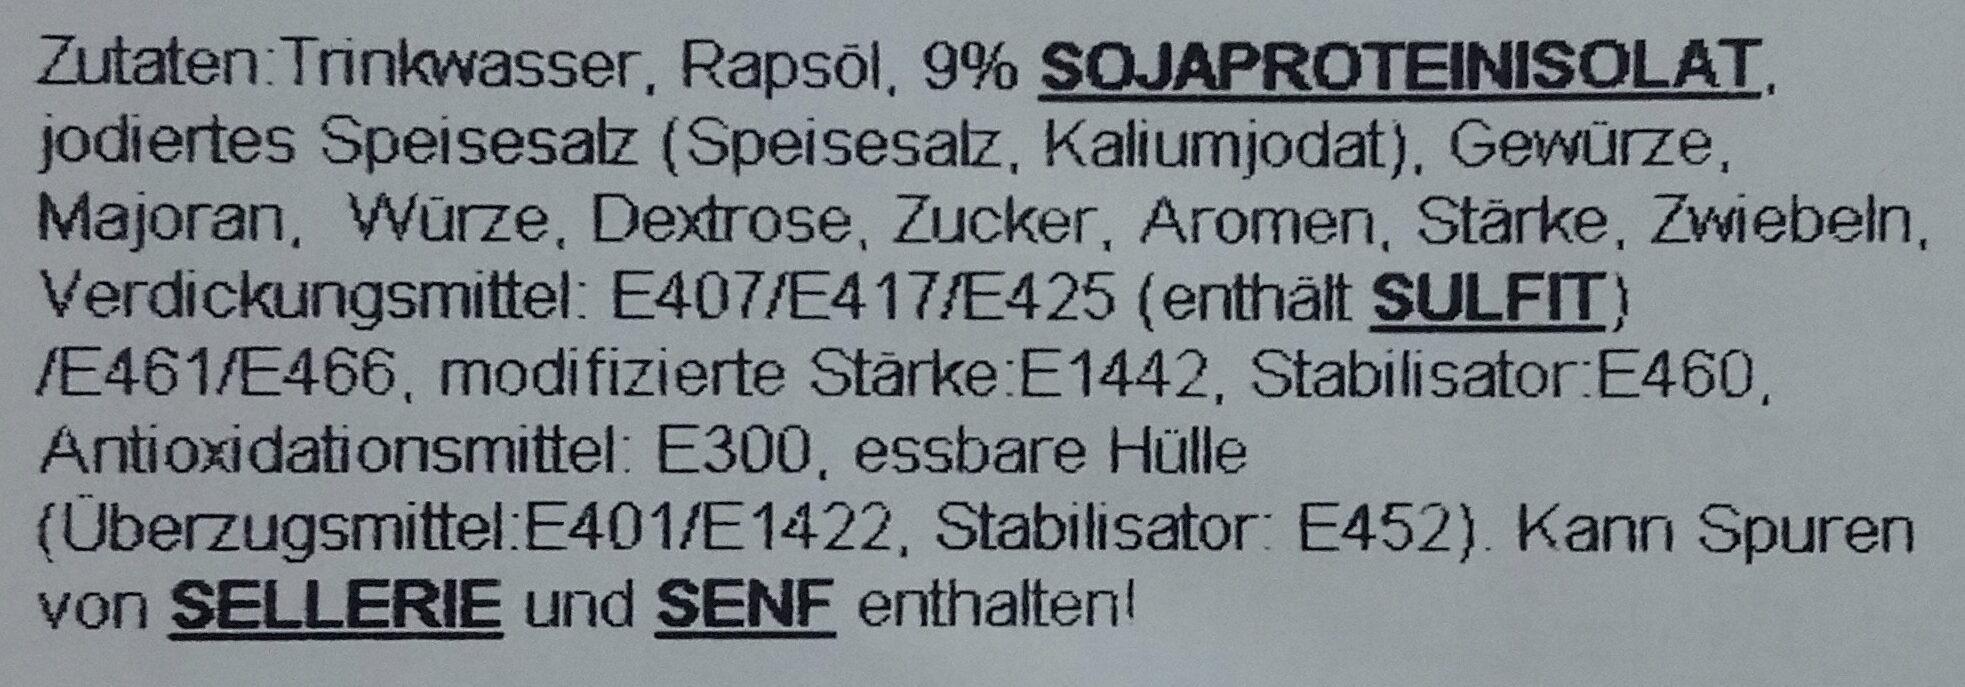 veggie bratwurst mit majoran - Zutaten - de